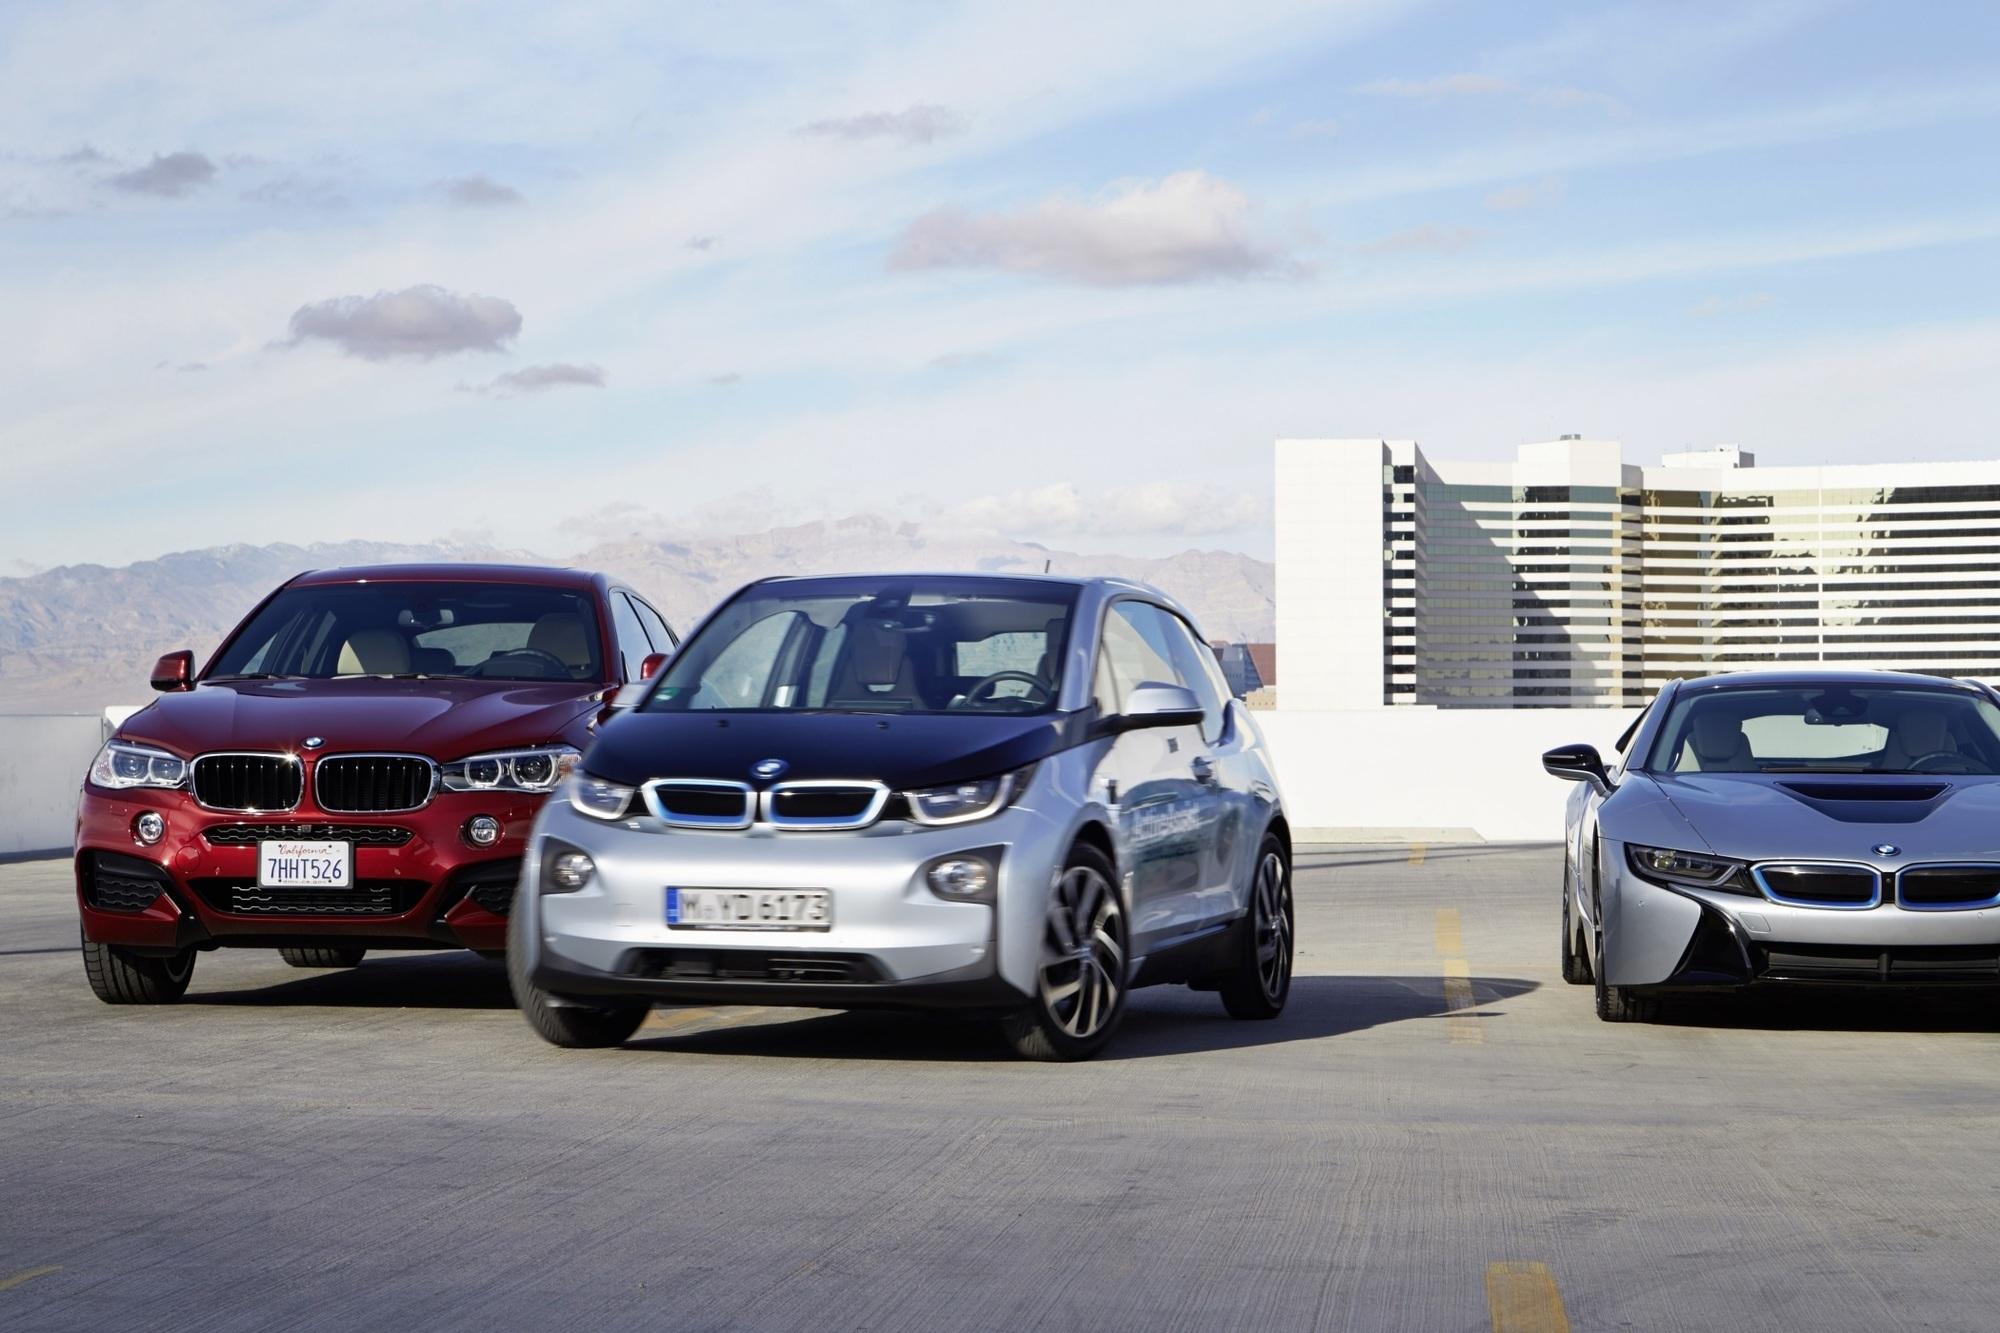 BMW-Zukunftstechnologien - Das Auto kann es besser als der Mensch